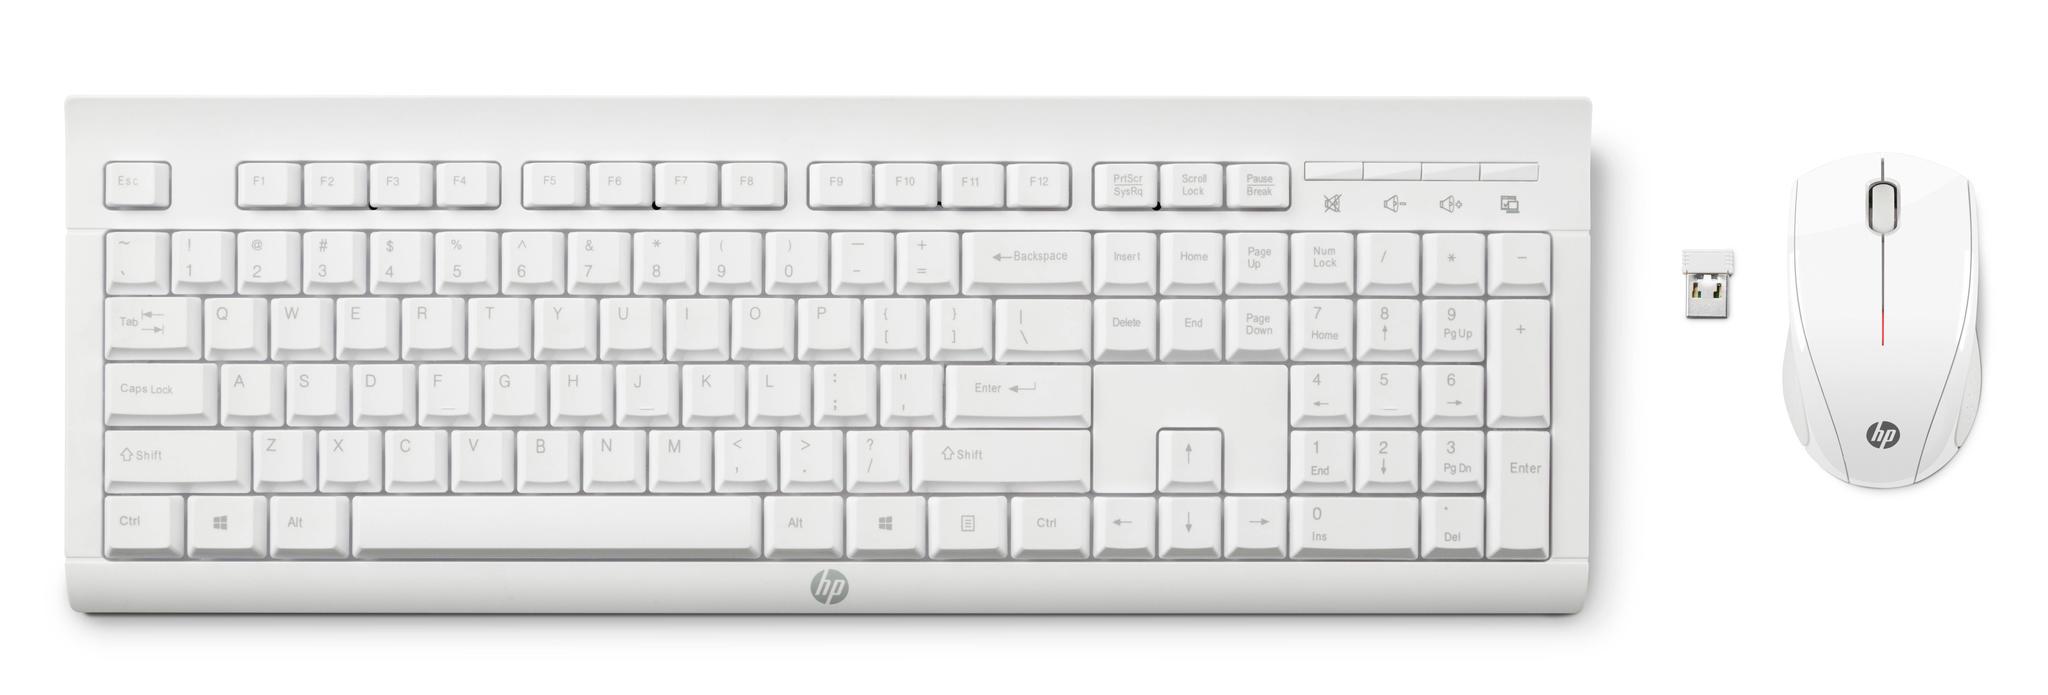 HP C2710 combo desktop wit